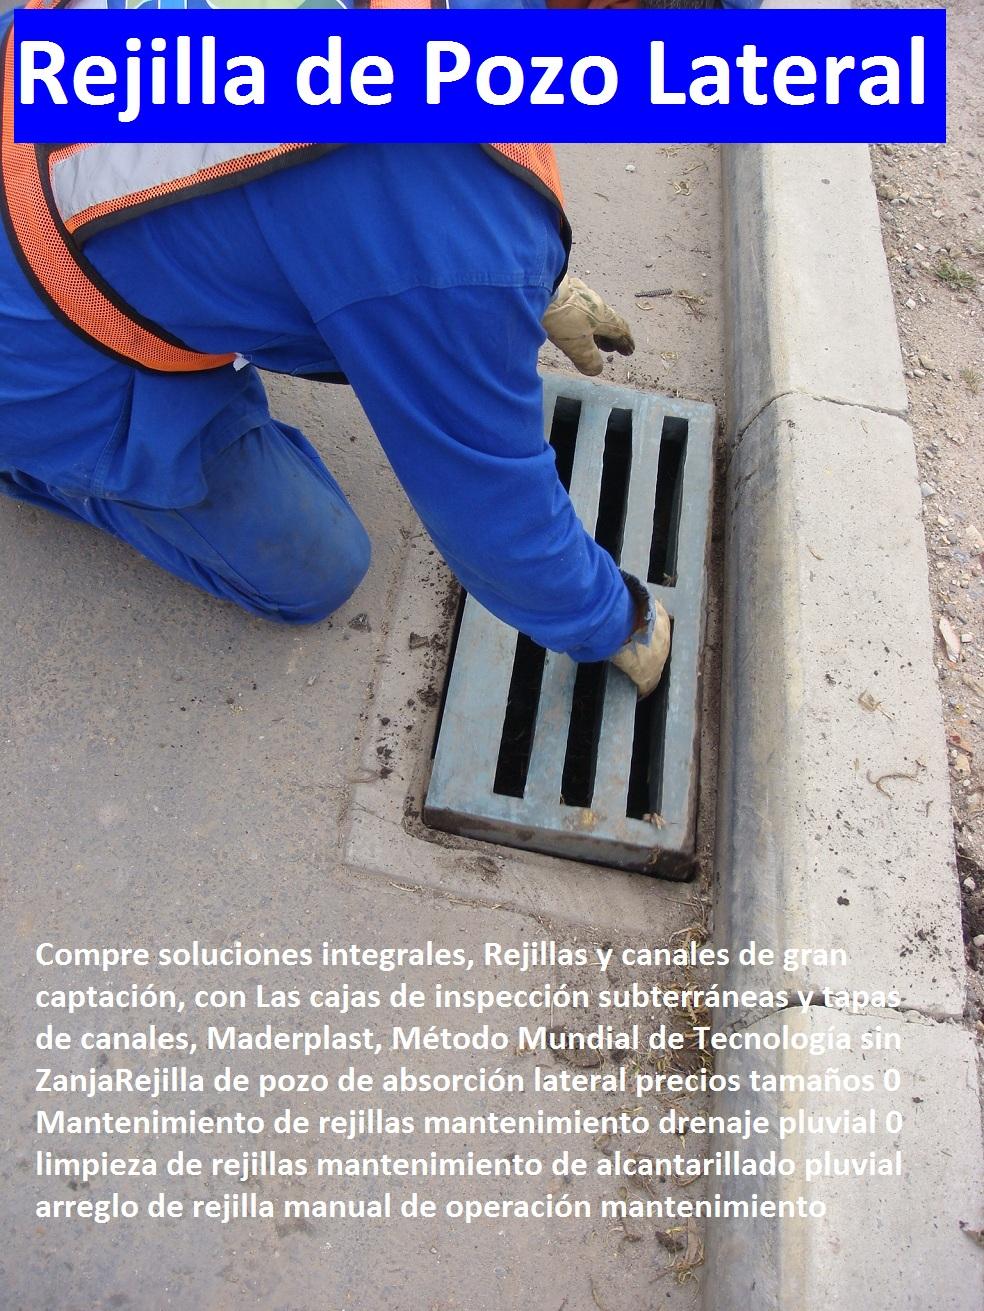 """REJILLAS PLASTICAS VEHICULARES CANALETAS PLÁSTICAS MADERPLAST rejilla con canaleta sumidero de plásticos fuertes sistema rejillas canales acueductos y alcantarillados, fabricantes de rejillas plásticas para acueducto, rejillas de concreto plásticos para alcantarillados, rejillas de hierro fundido para sumideros, rejillas de fierro colado para drenajes, rejillas en fibra de vidrio plástico reforzado en polipropileno, proveedor distribuidor fabricante de rejillas de desagües, precios de rejillas plásticas, Como se hacen las alcantarillas con rejillas canales y canaletas plásticas, normas técnicas rejillas aprobadas perpendiculares rejilla en vías 0 pozo de absorción pluvial 0 como hacer un drenaje rejillas pluviales prefabricadas pp, Rejilla de pozo de absorción lateral precios tamaños 0 rejilla sumidero aguas lluvias 0, cañería, instalación, acueducto, gasoducto, """"gaseoducto"""", oleoducto, viaducto, irrigación, rejillas para sumideros en concreto 0, Colector, red, canal*, desagüe, alcantarillado*, cloaca, vertedero, presa*, cauce, Canales de drenaje de aguas lluvias, Rejilla de pozo de absorción lateral precios tamaños 0 Mantenimiento de rejillas mantenimiento drenaje pluvial 0 limpieza de rejillas mantenimiento de alcantarillado pluvial arreglo de rejilla manual de operación mantenimiento Rejilla de pozo de absorción lateral precios tamaños 0 Mantenimiento de rejillas mantenimiento drenaje pluvial 0 limpieza de rejillas mantenimiento de alcantarillado pluvial arreglo de rejilla manual de operación mantenimiento"""